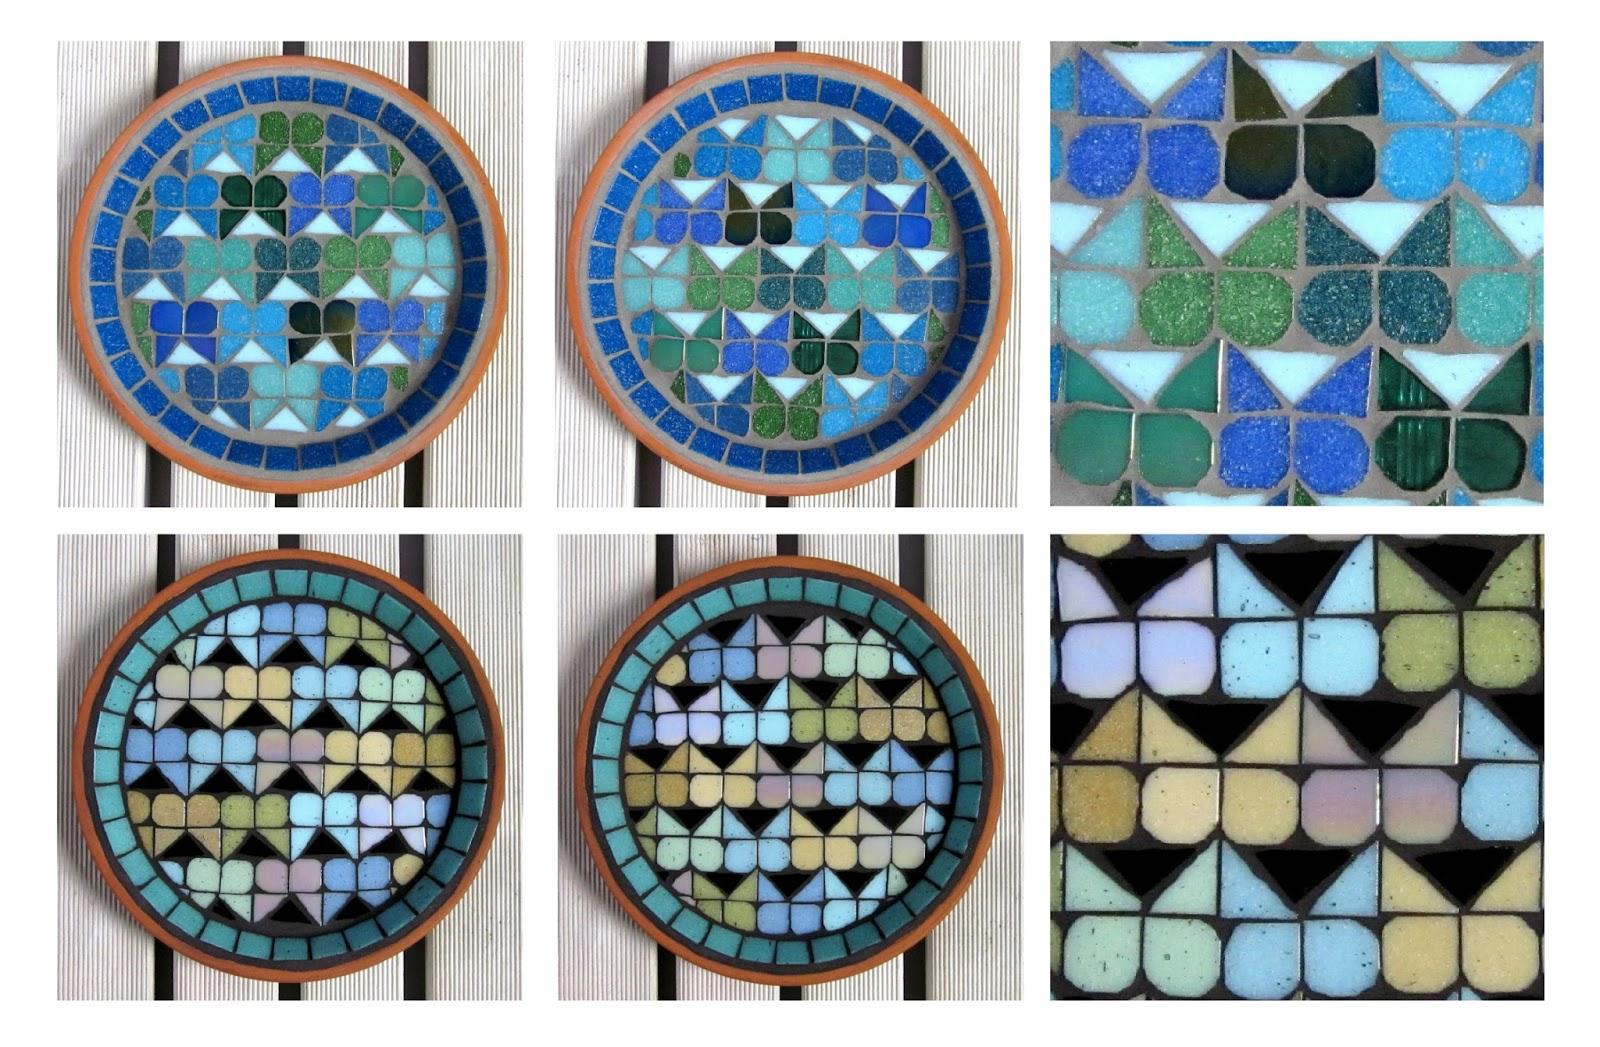 Butterfly Love Mosaic Garden Bird Baths (two tone hearts with hidden butterflies)